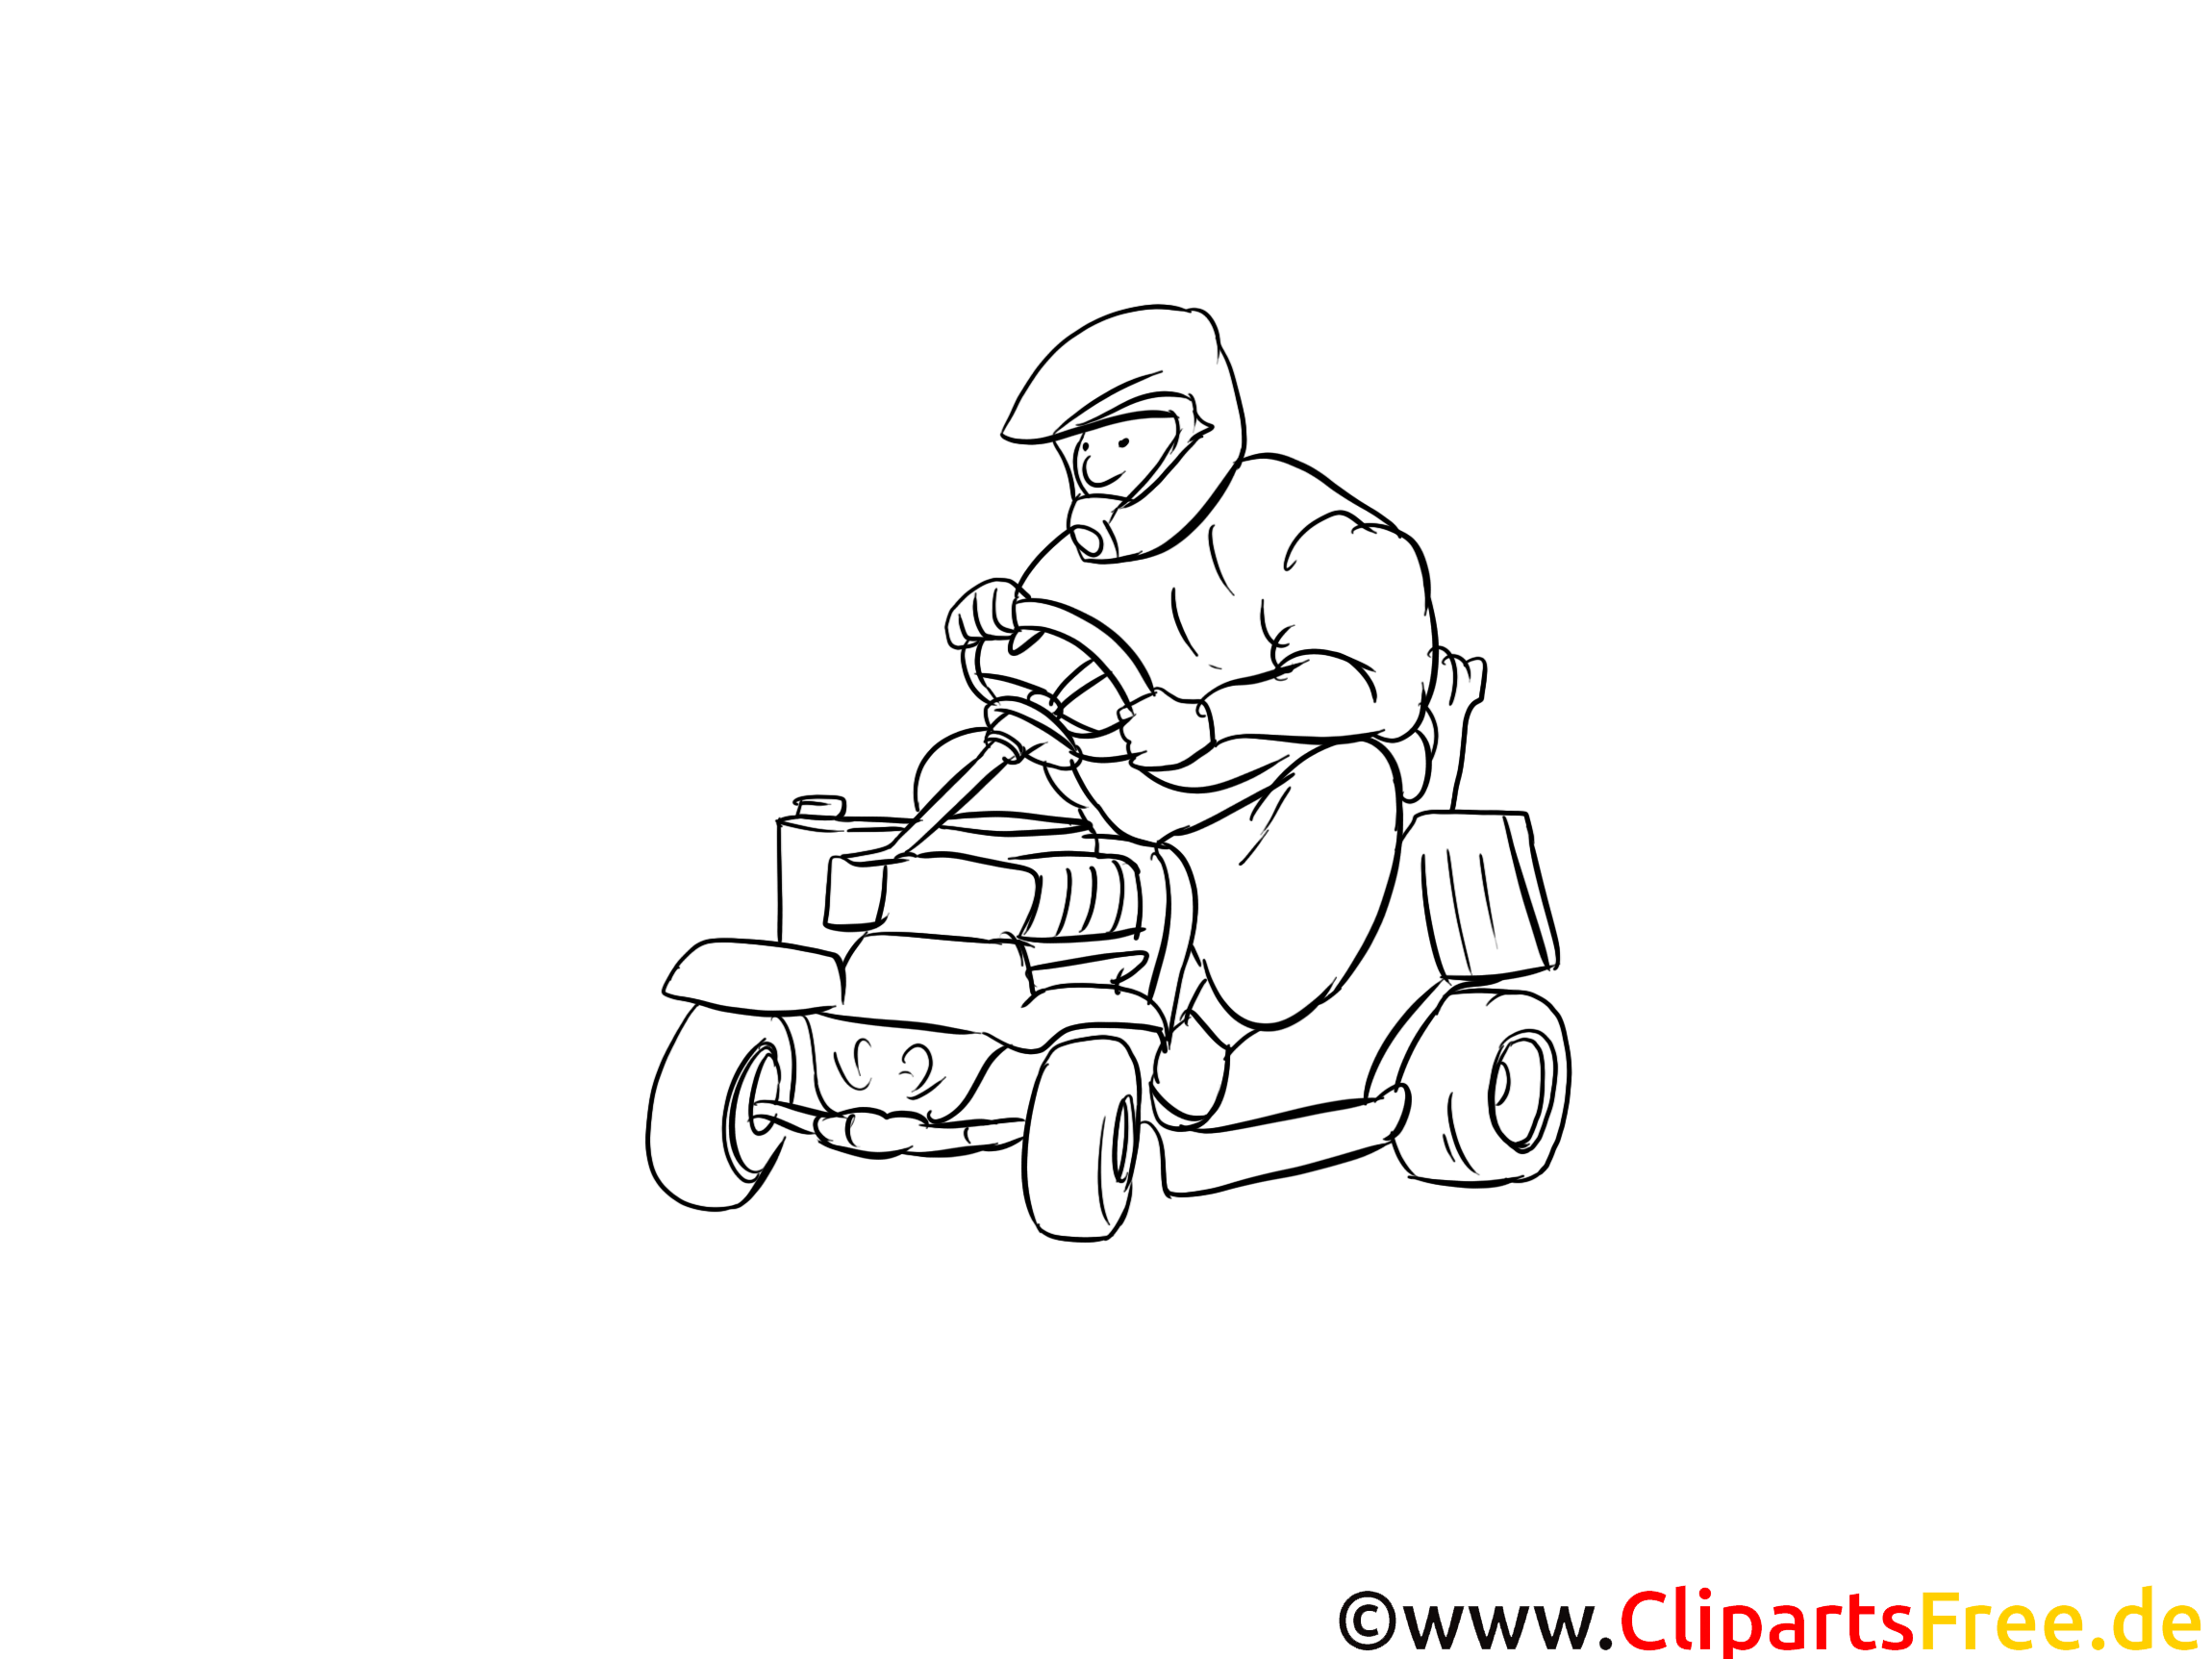 Karting Spor hakkında boyama sayfaları